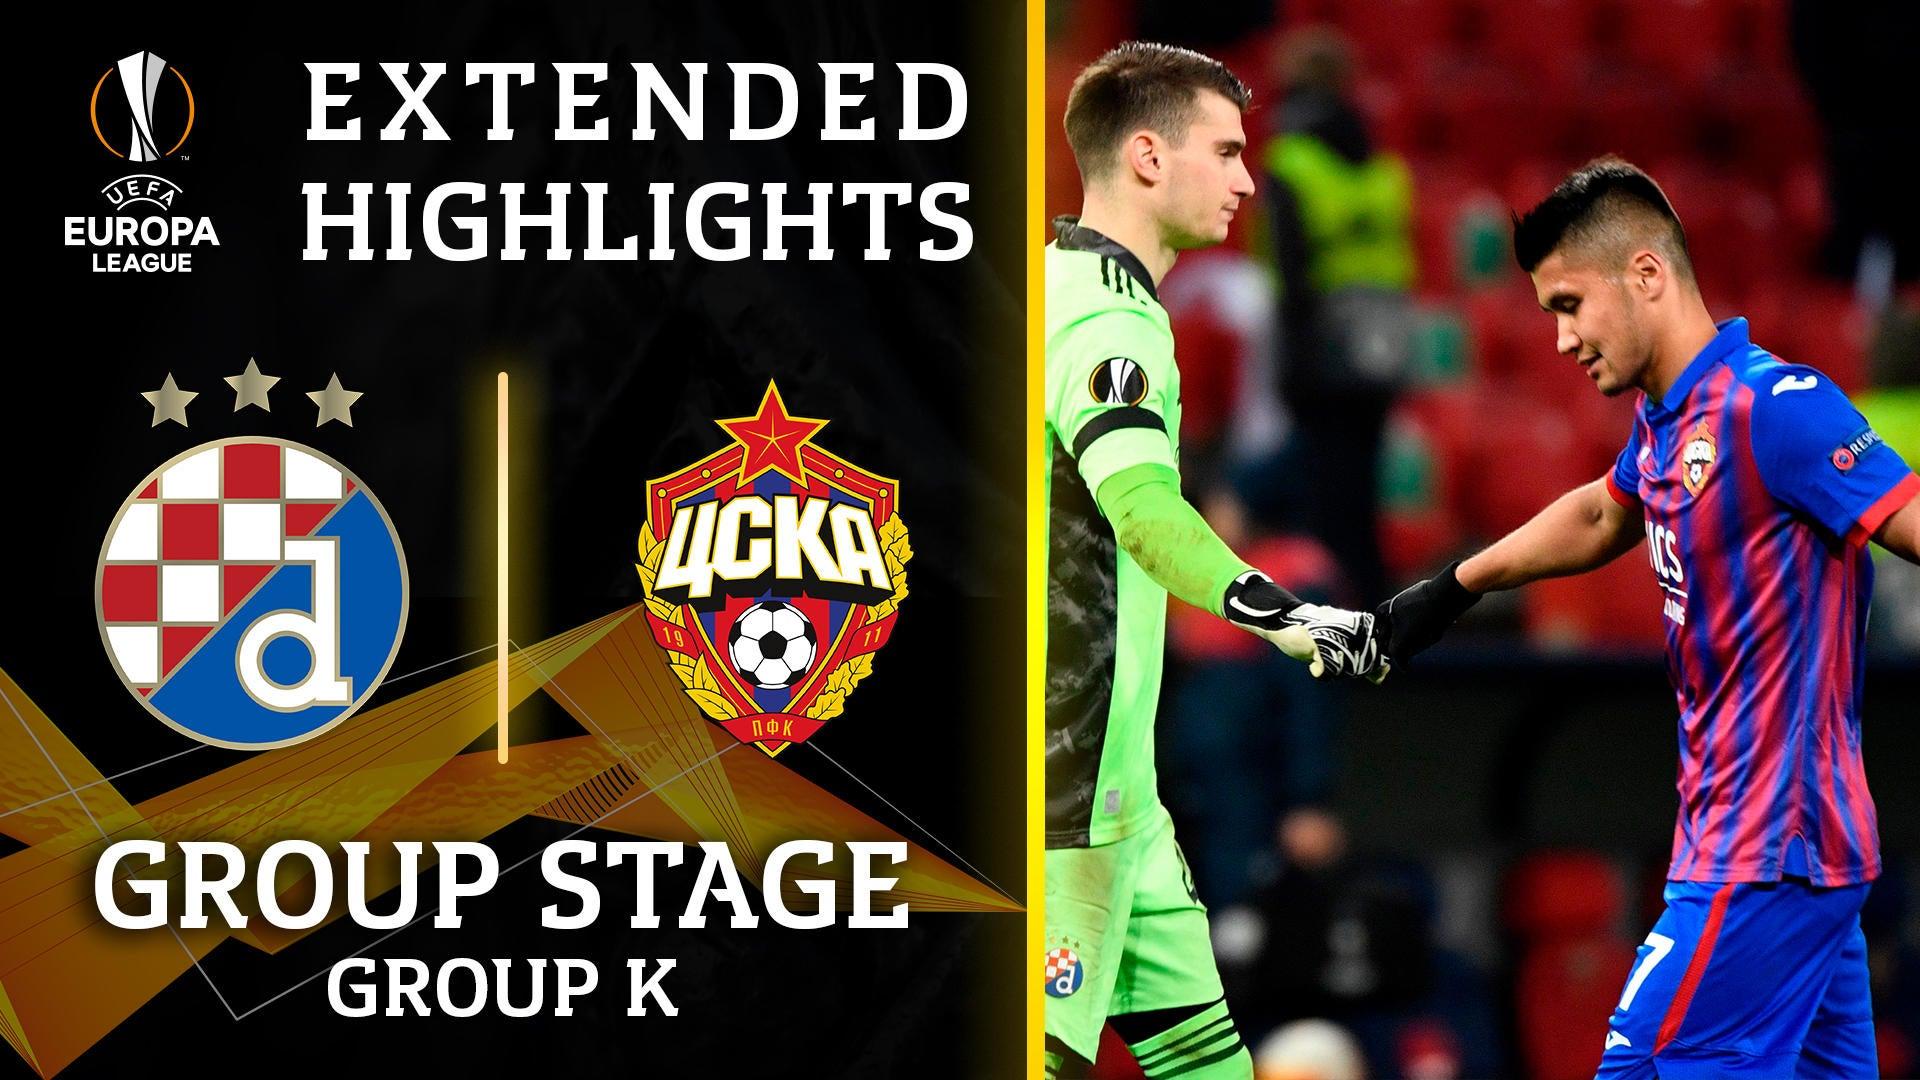 Extended Highlights Cska Moscow Vs Dinamo Zagreb Cbssports Com